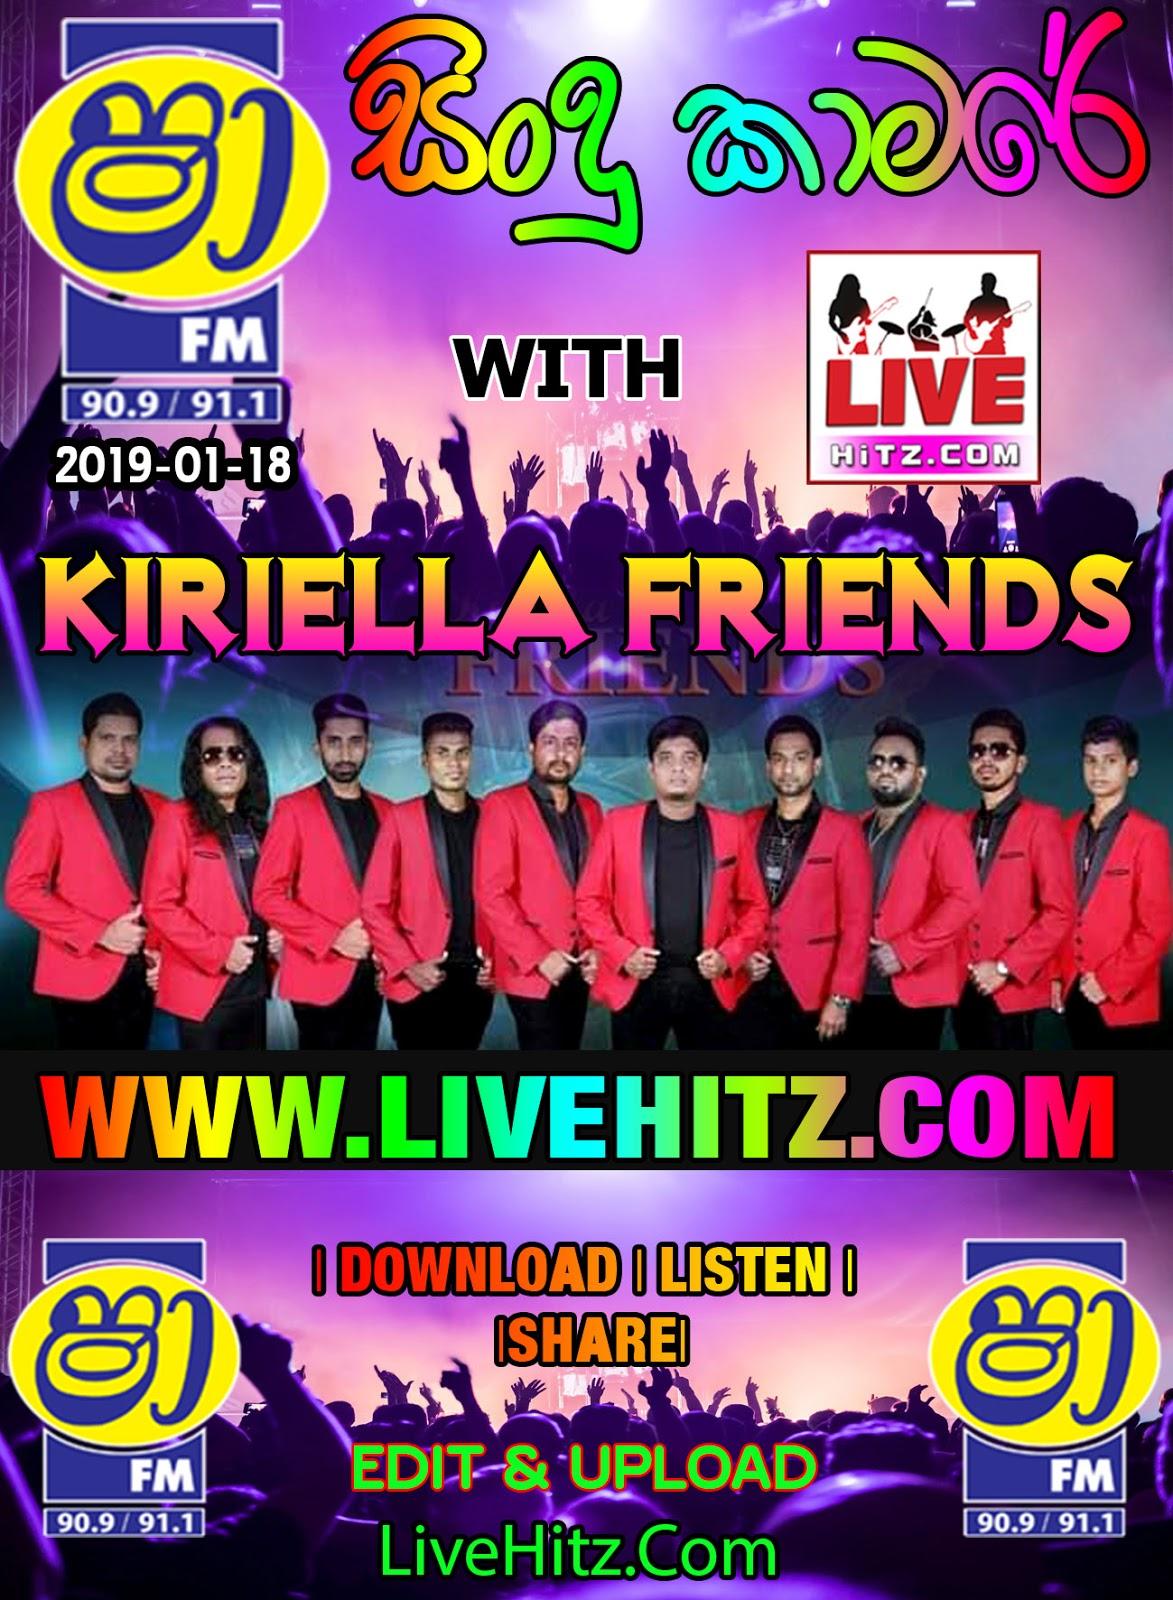 SHAA FM SINDU KAMARE WITH KIRIELLA FRIENDS 2019-01-18 ~ WwW LiveHitZ NeT